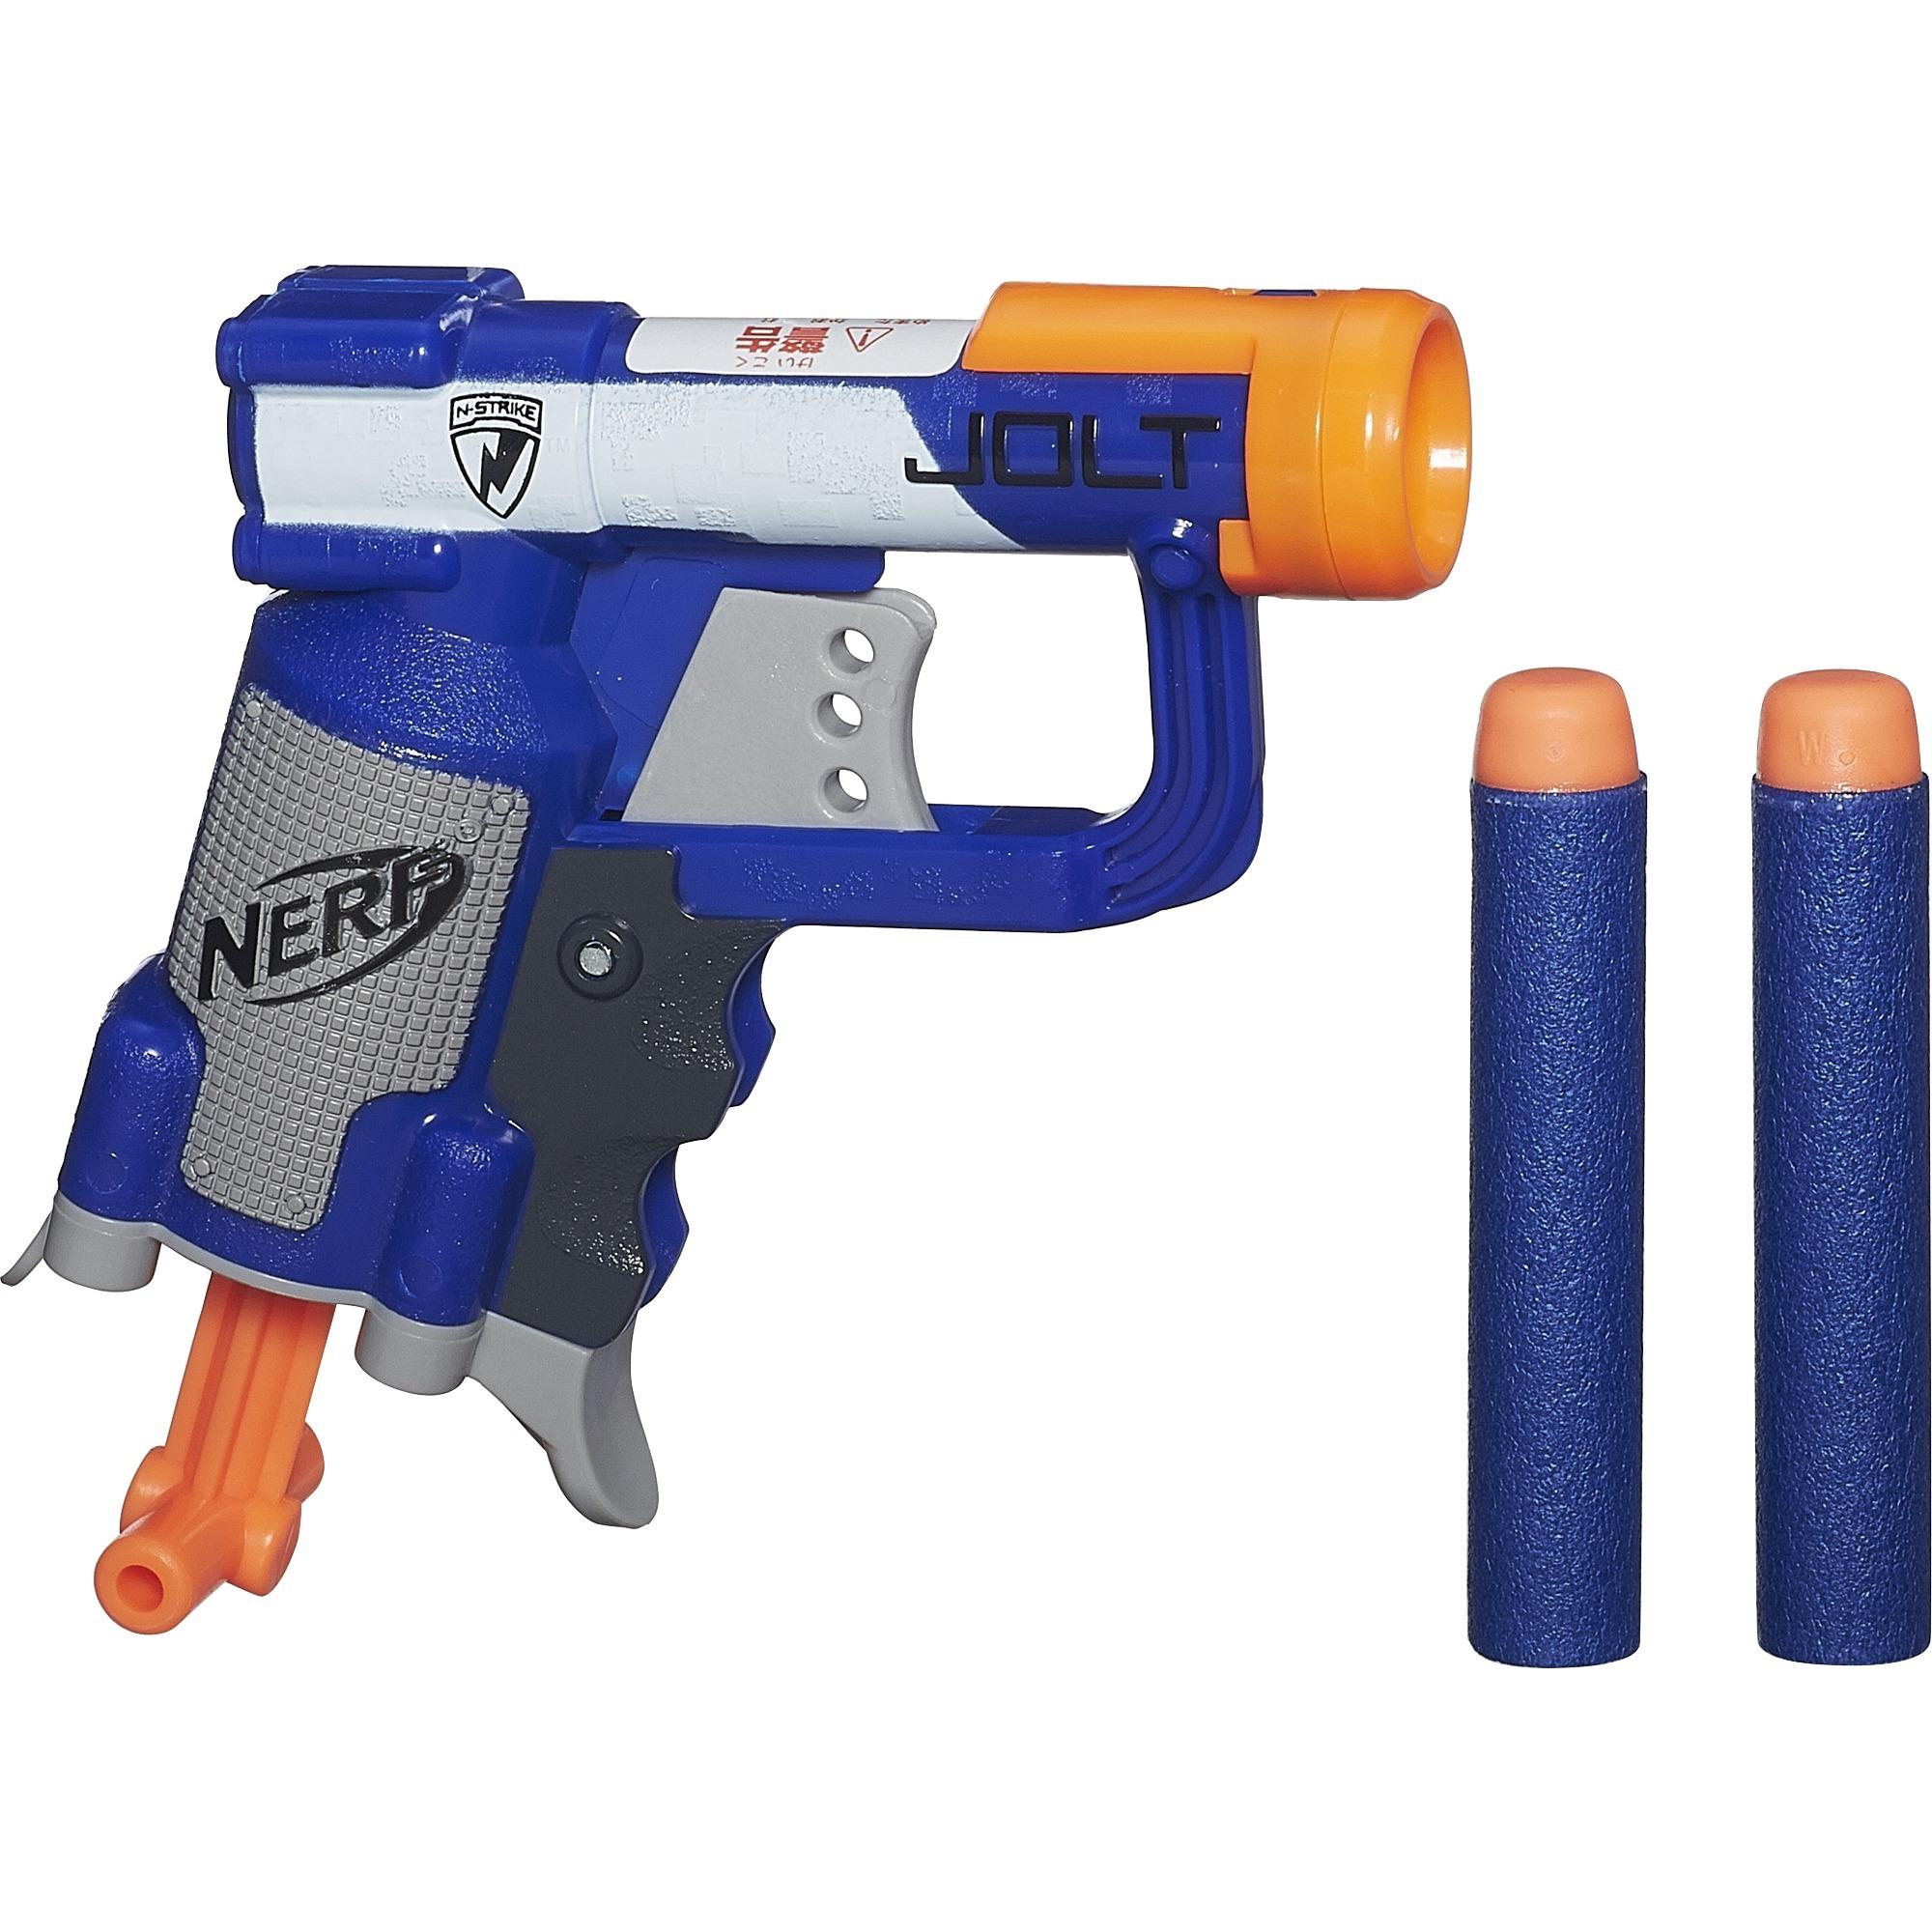 A0707EU6 Rifle de asalto de juguete arma de juguete, Pistola Nerf